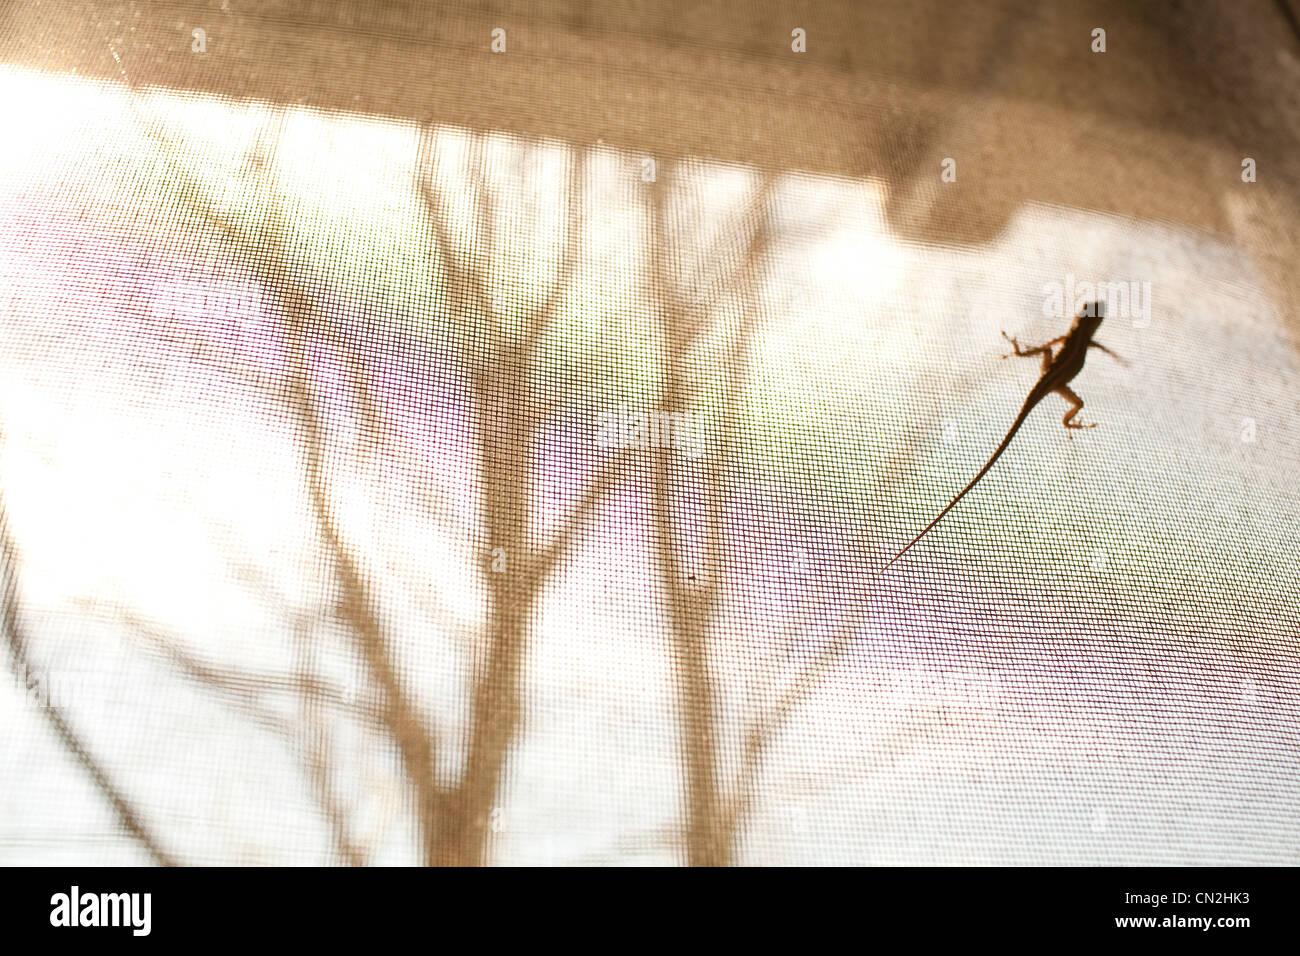 Eidechse auf Fenster-Bildschirm Stockbild